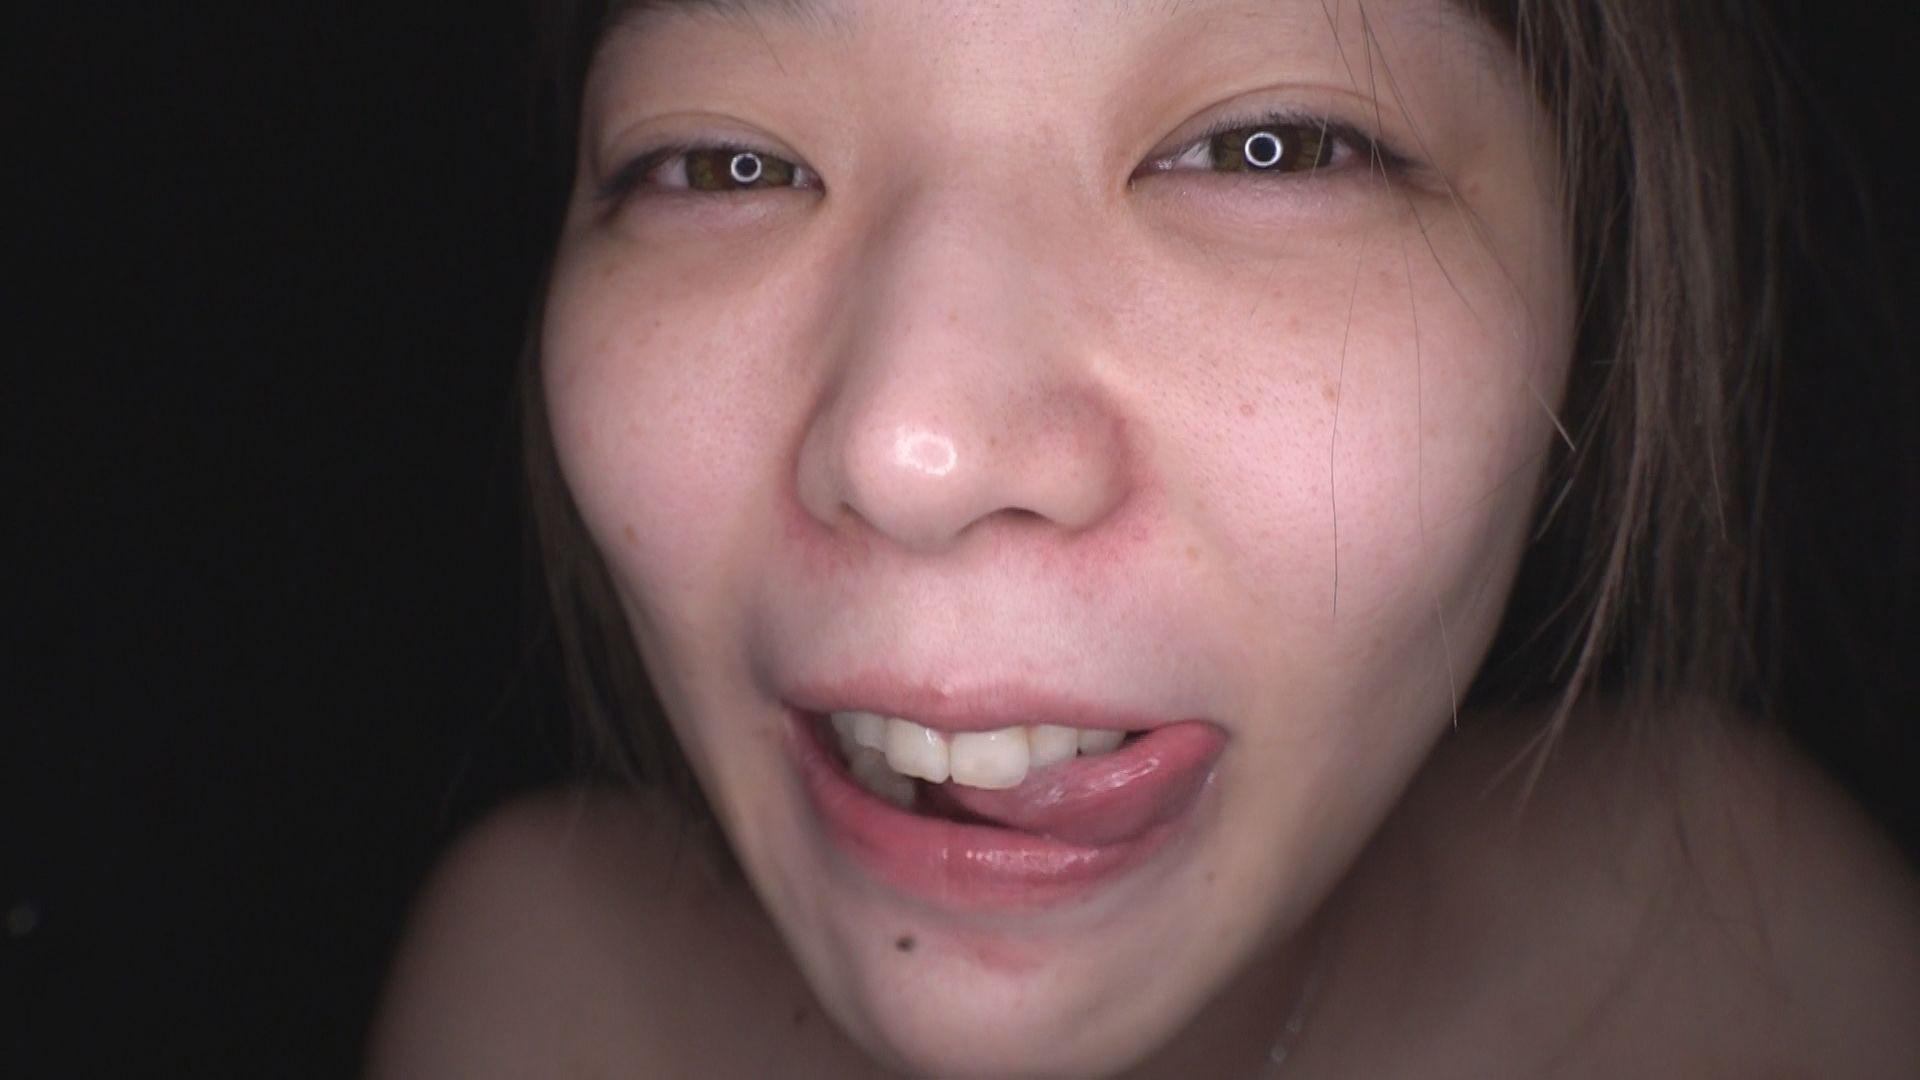 丸呑精飲 根元までニヤニヤ咥えて喉射ザーメンを飲みたがる底抜けに明るい喉便器OL 画像11